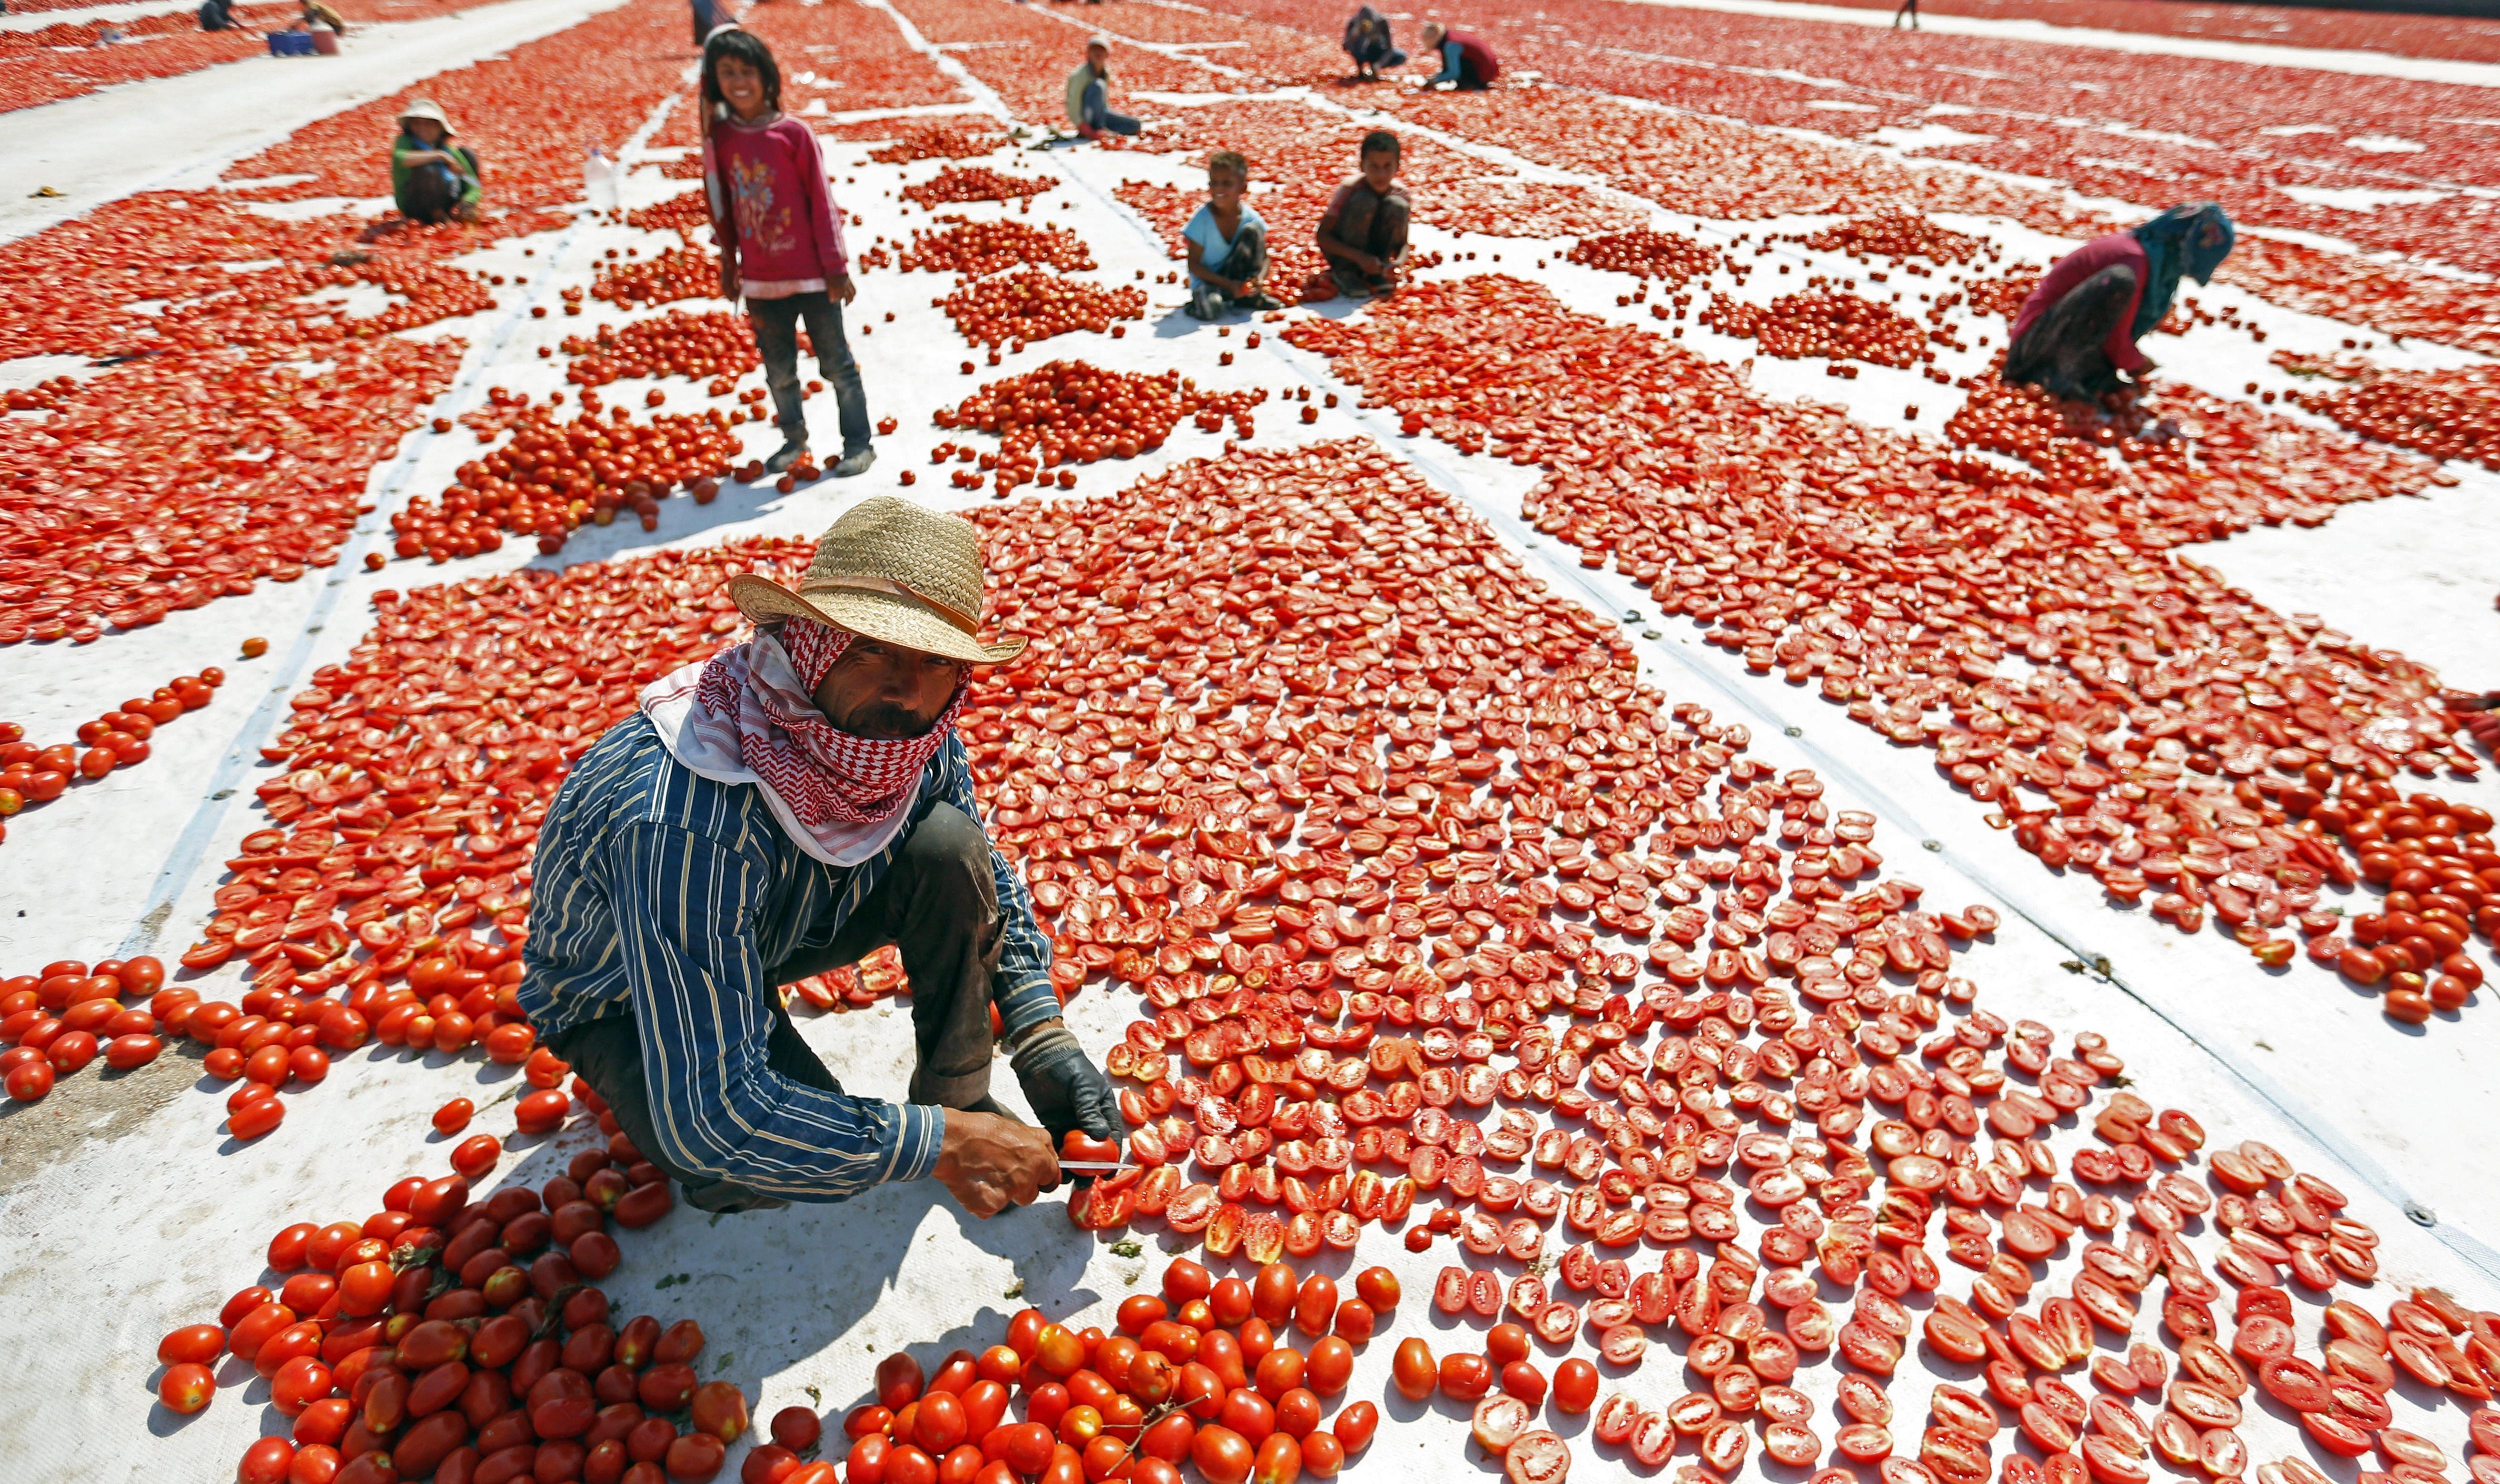 Diversos treballadors tallen tomàquets per assecar-los al sol a Esmirna, Turquia. /ERDEM SAHIN